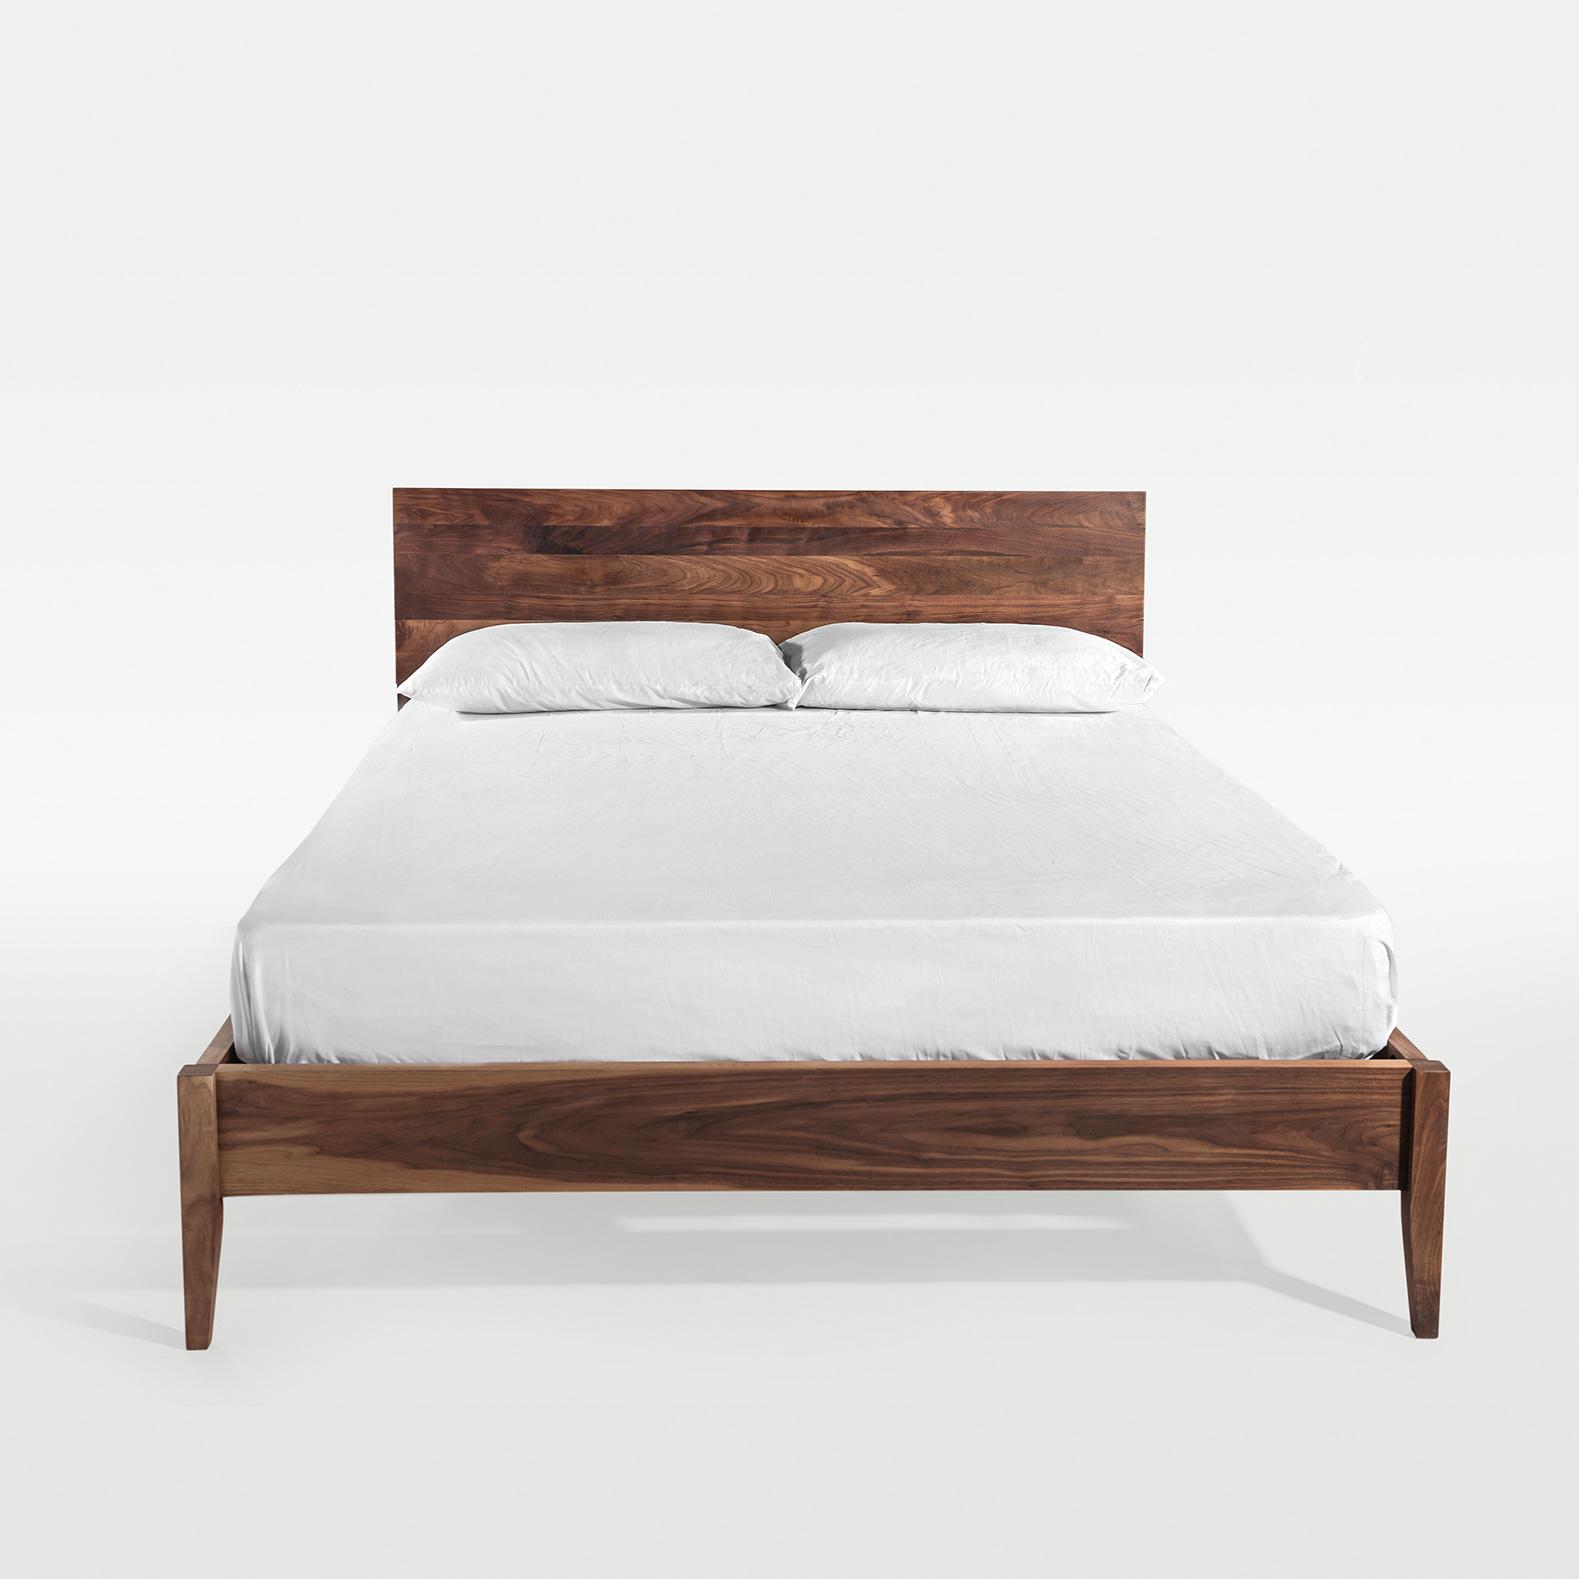 及木家具 北欧原木1.5 1.8米榉木 白橡 黑胡桃双人实木床CC009